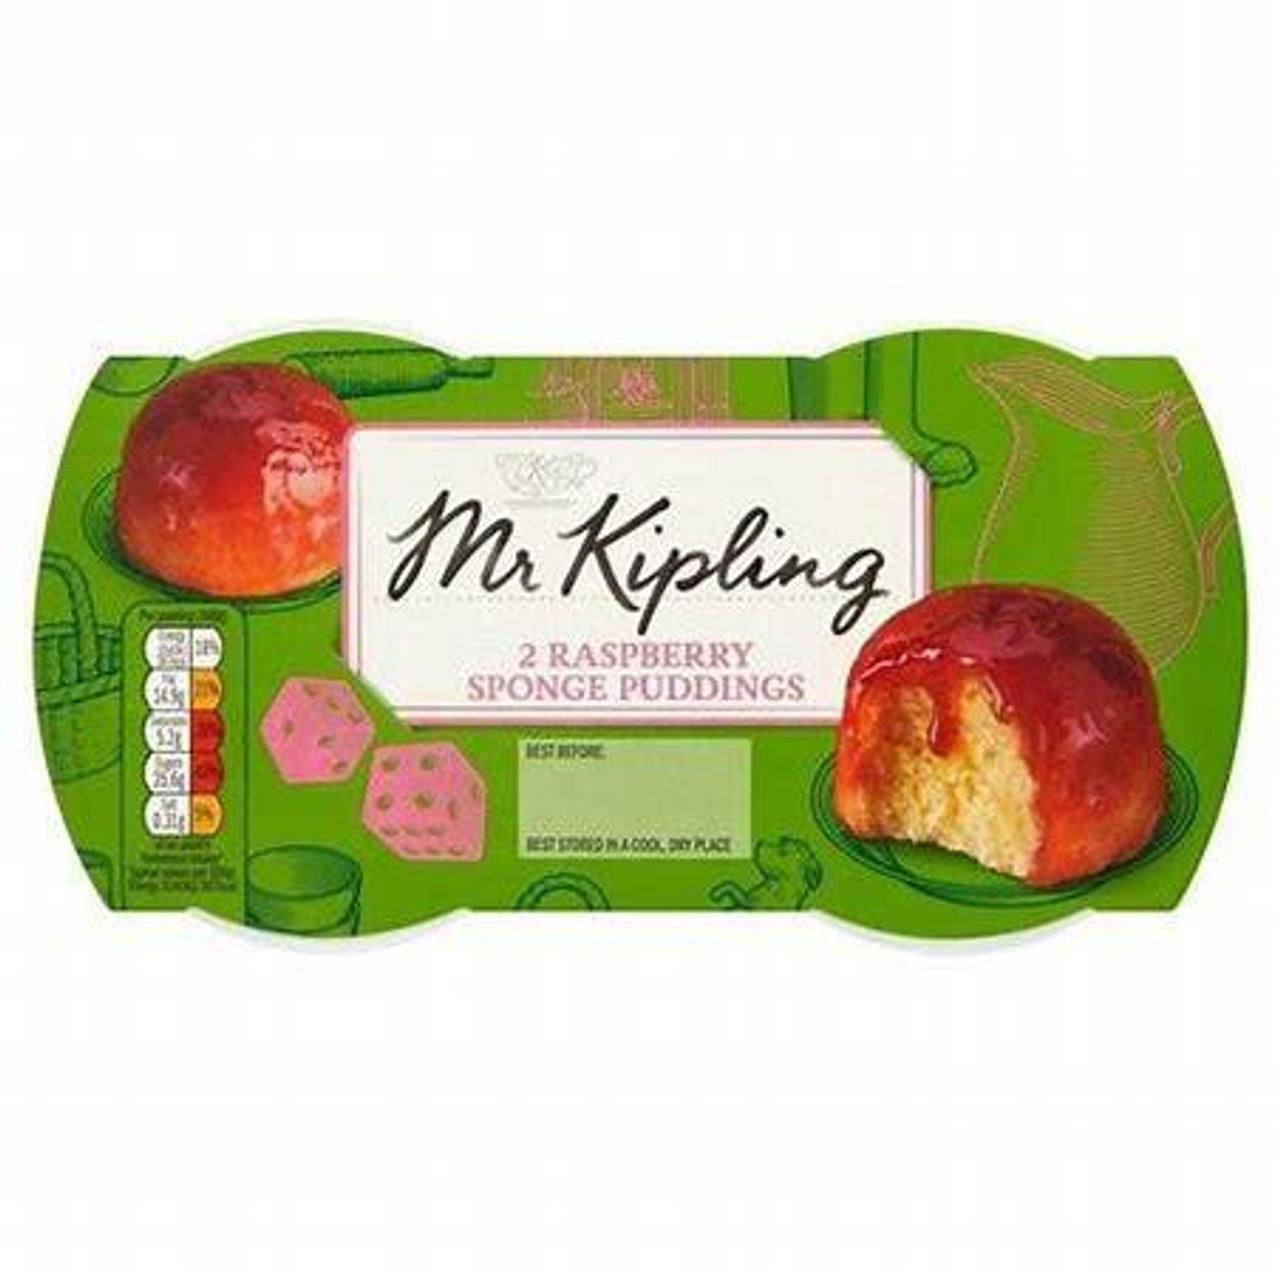 Mr. Kipling - Raspberry Sponge Pudding, 2x95g